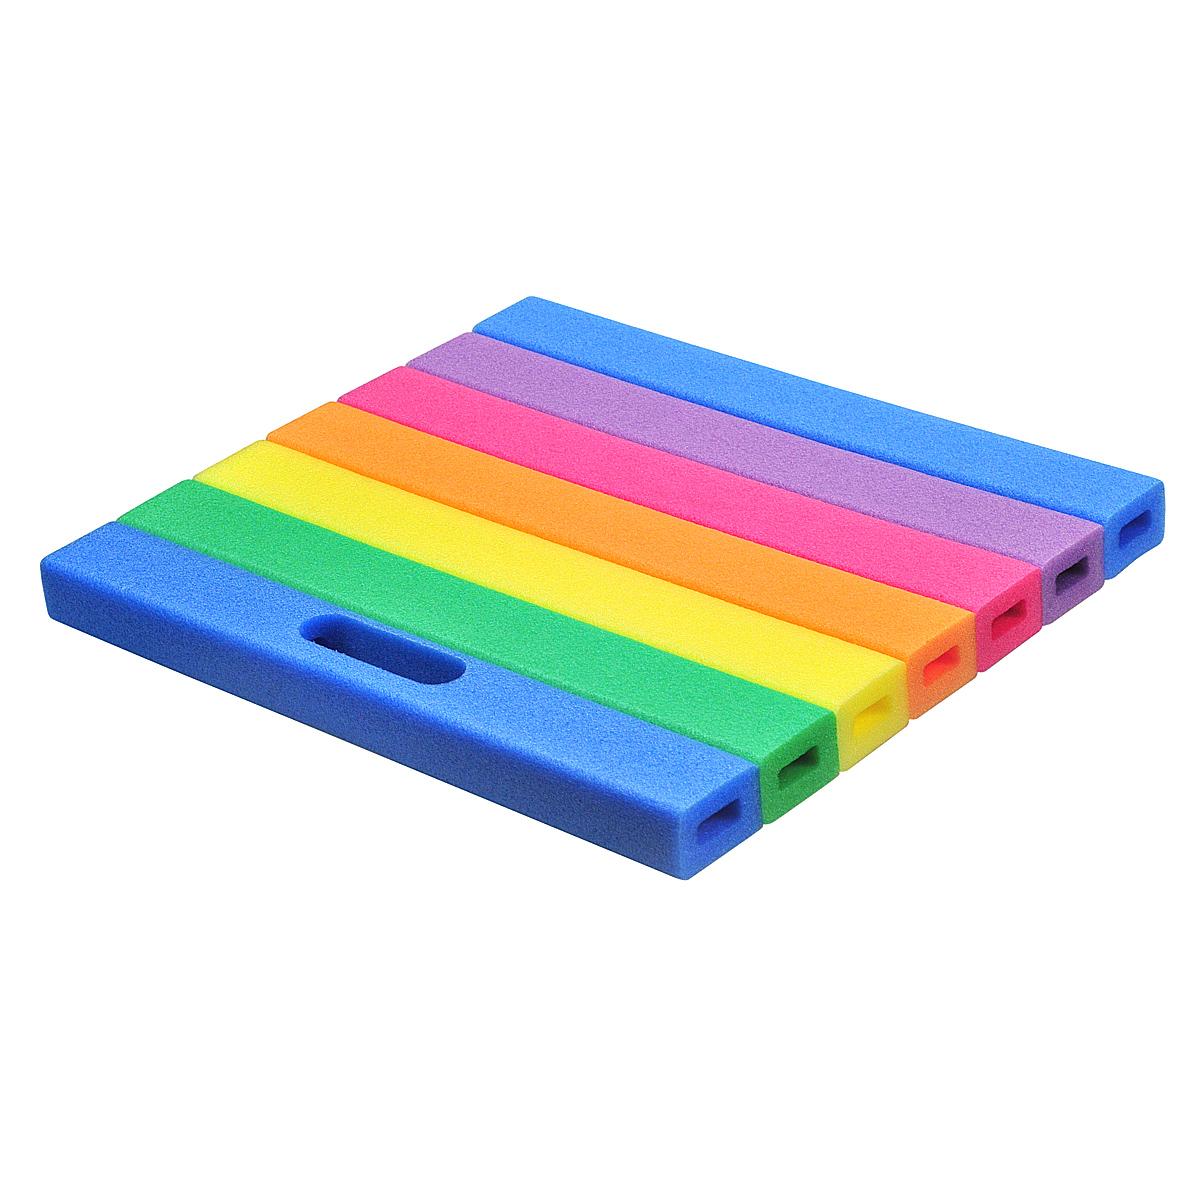 Multifunctioneel kniekussen in regenboogkleur